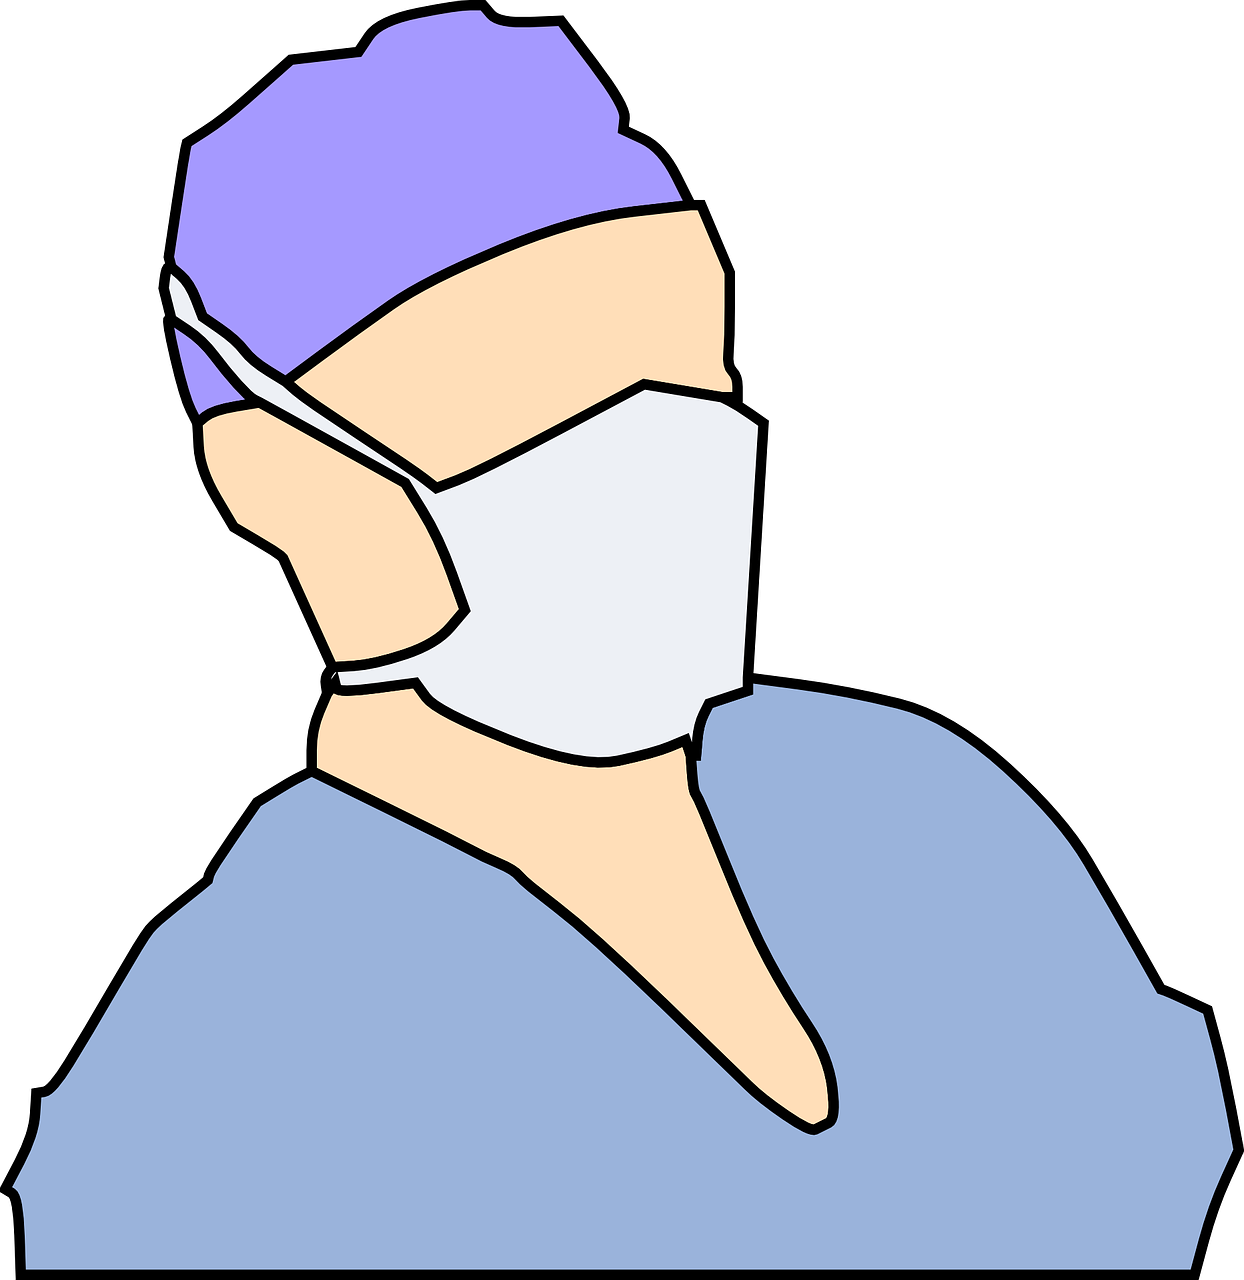 マスクをしている医者の画像